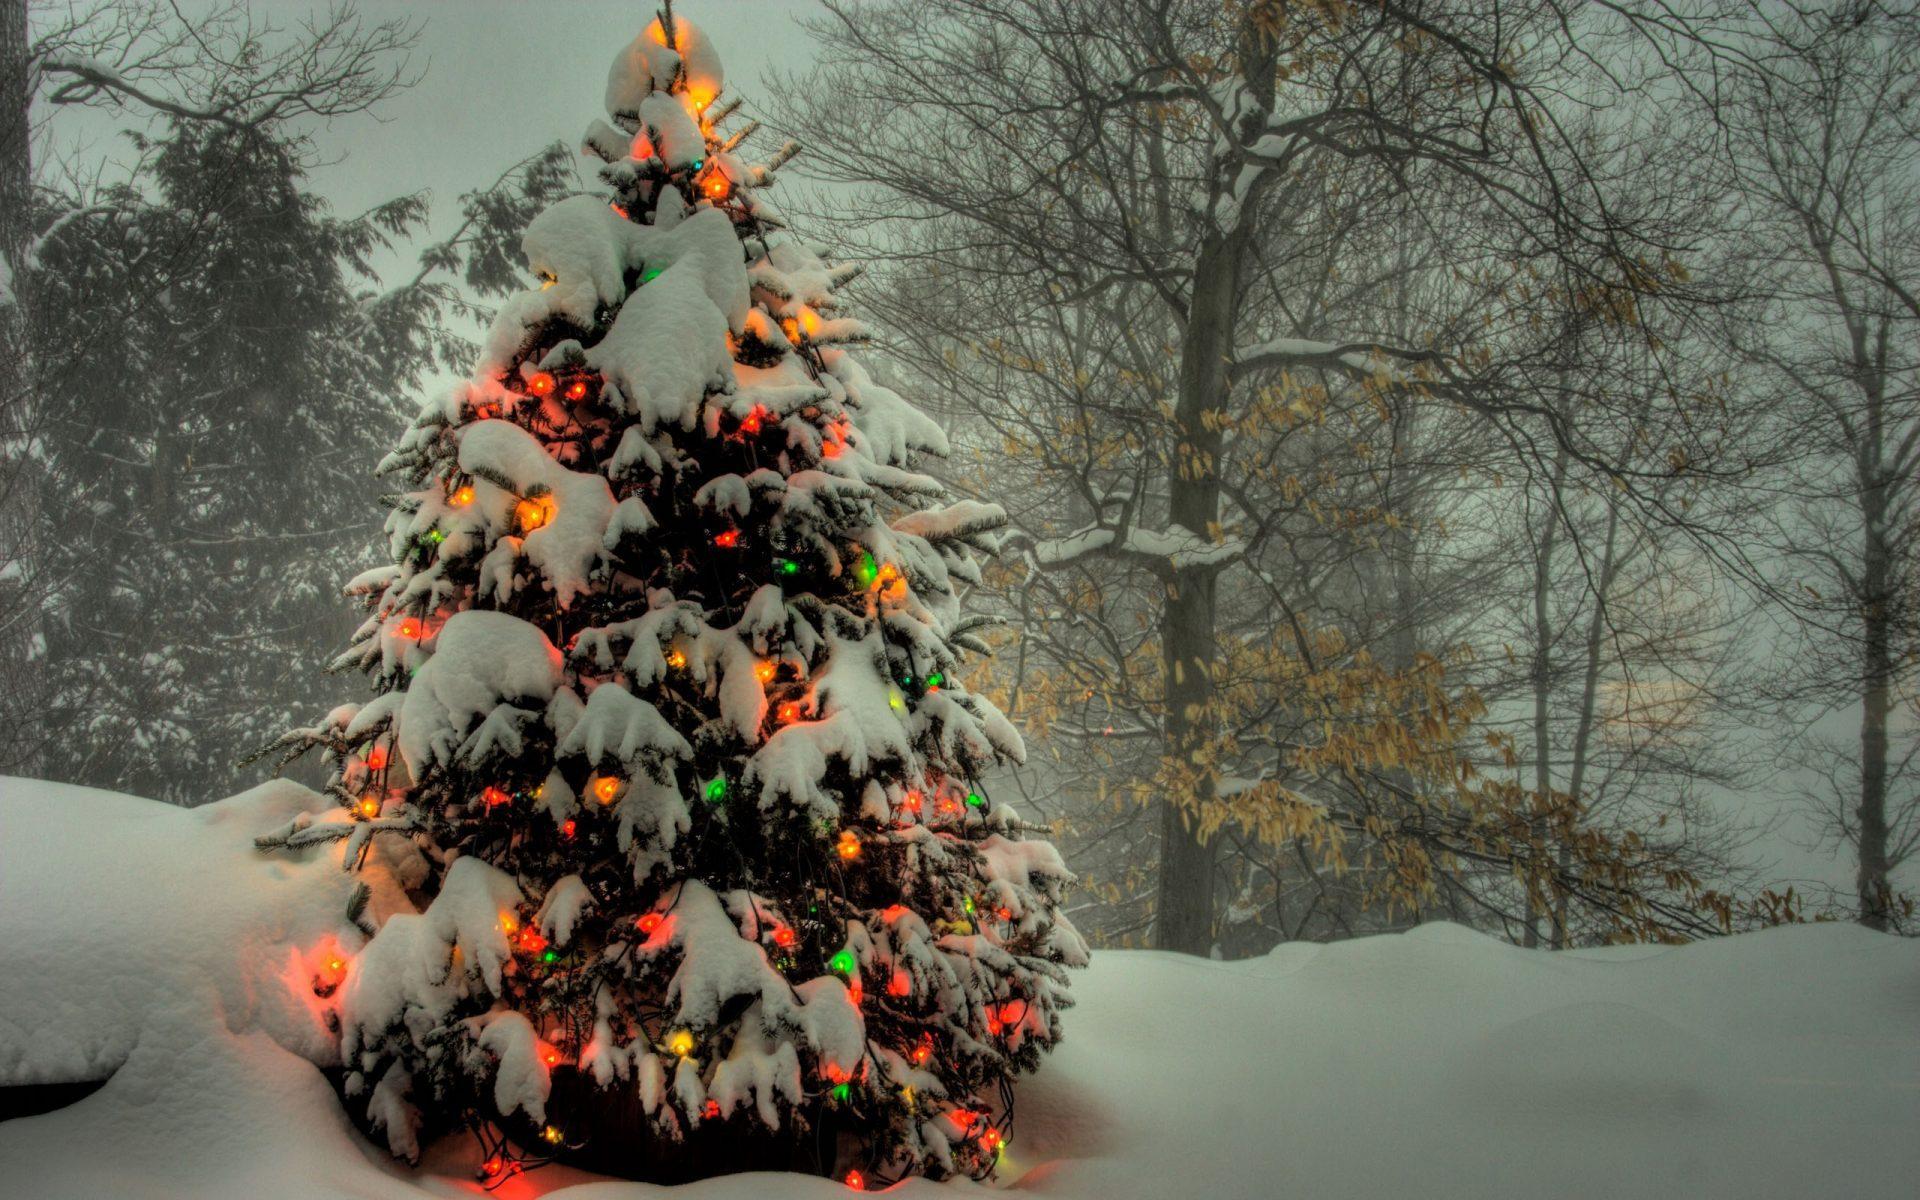 история картинки на рабочий стол зима елка на весь экран здоровья